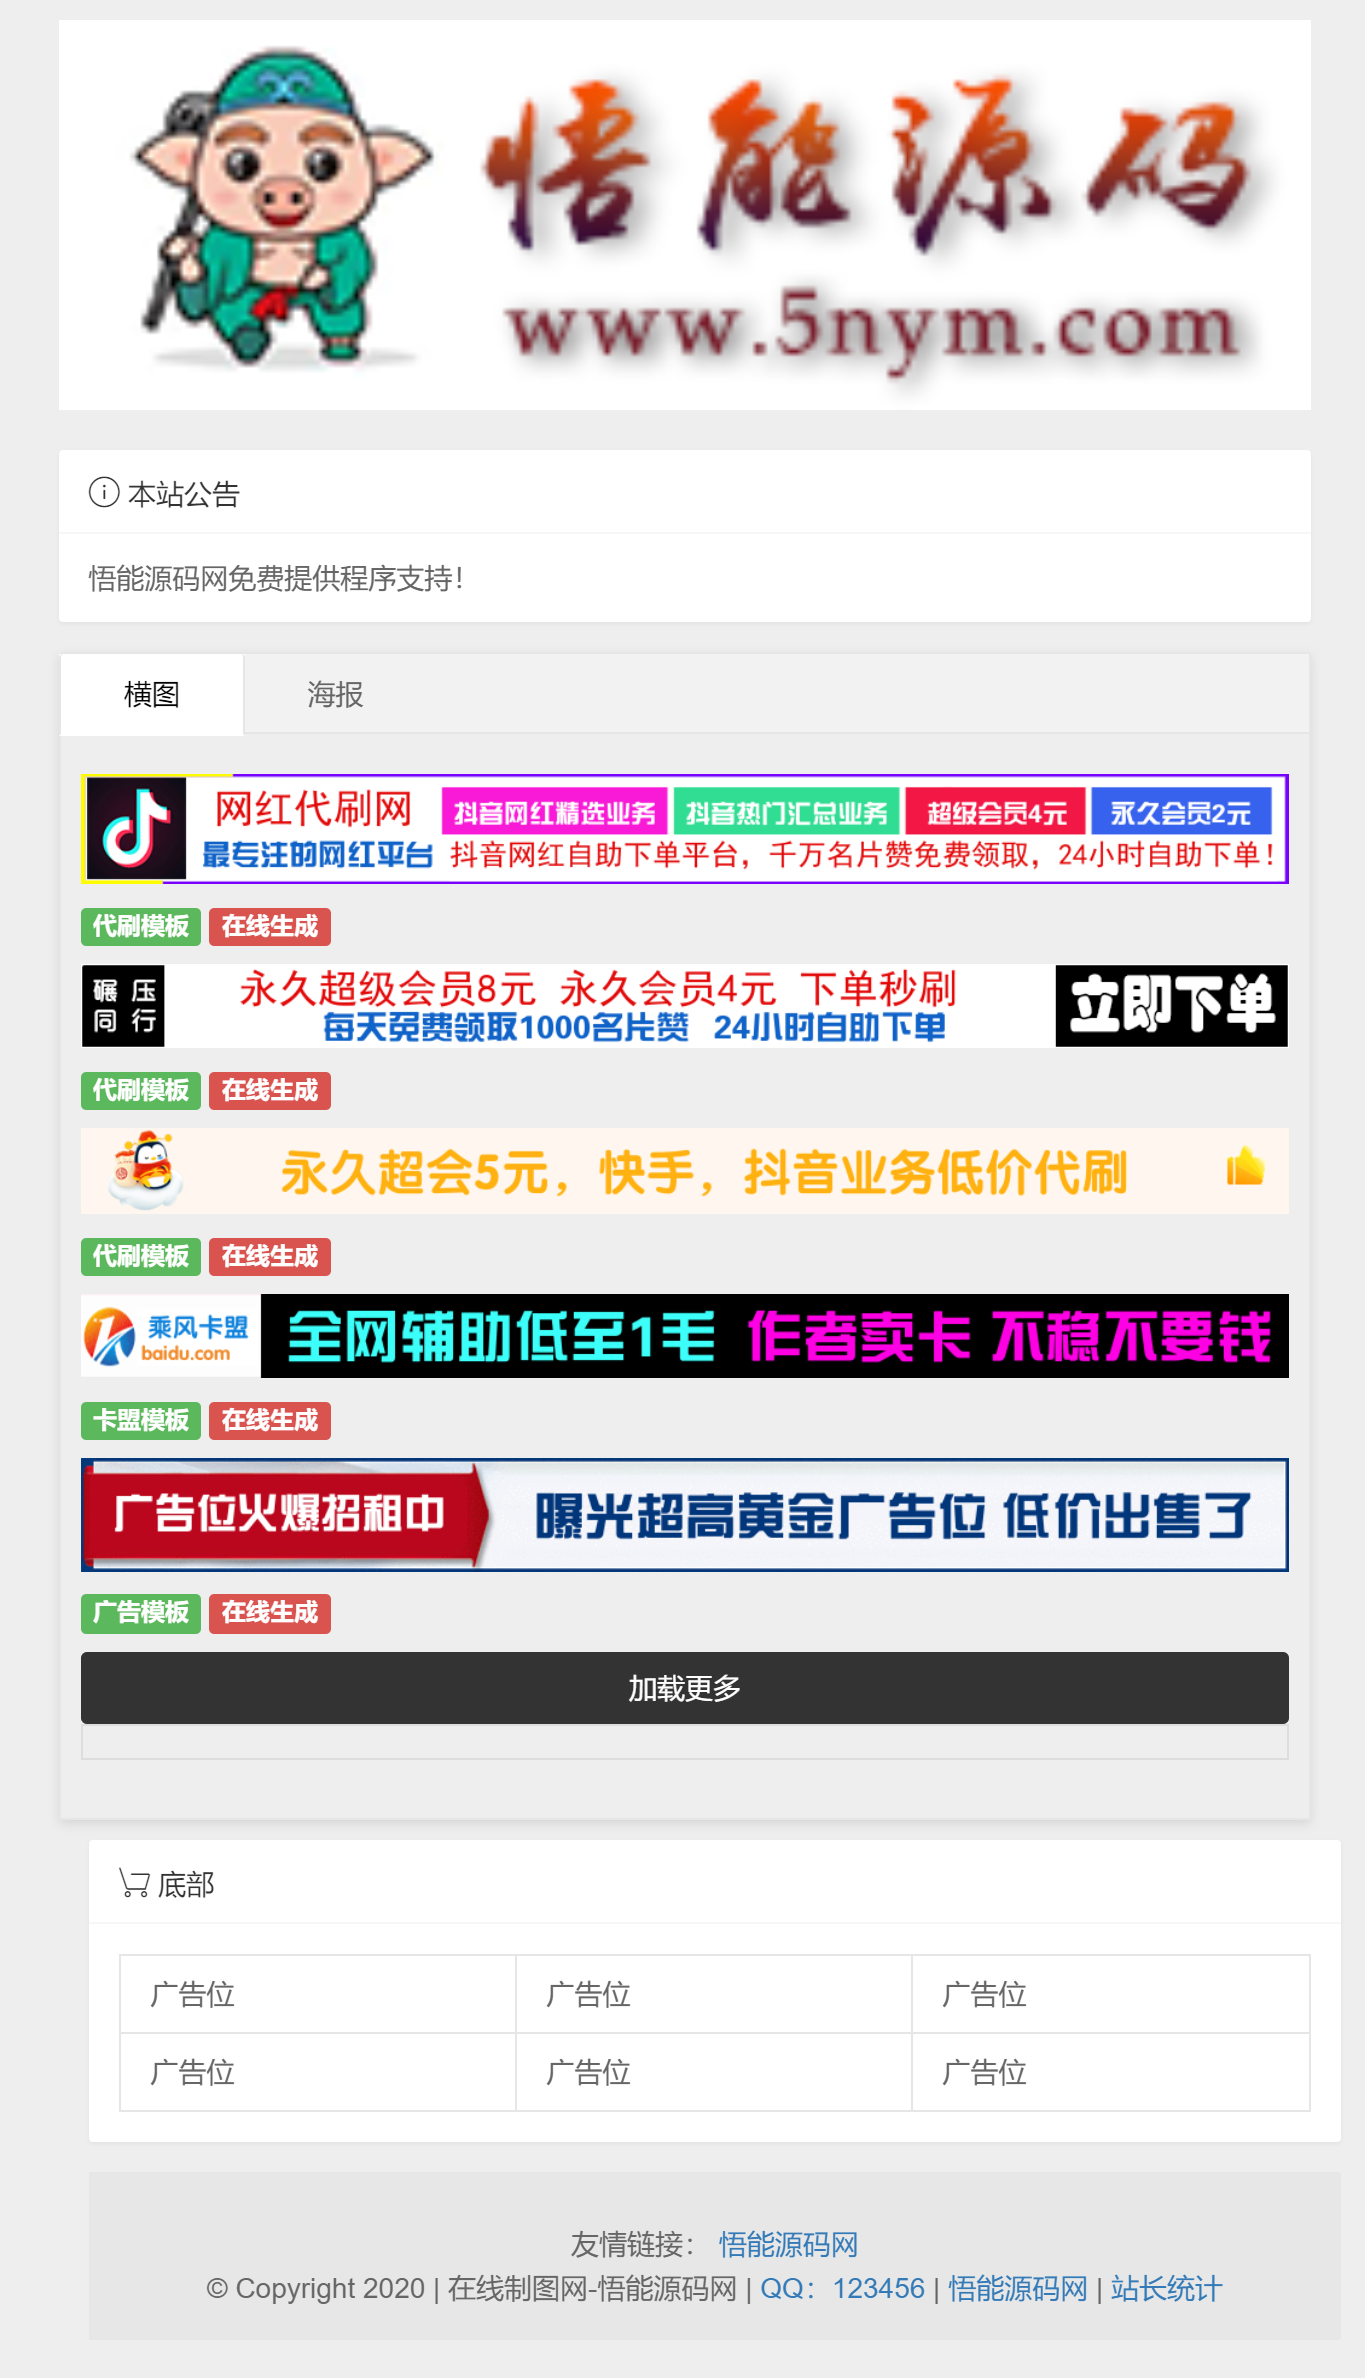 在线制图系统免费源码 一秒生成广告横图海报图 第1张